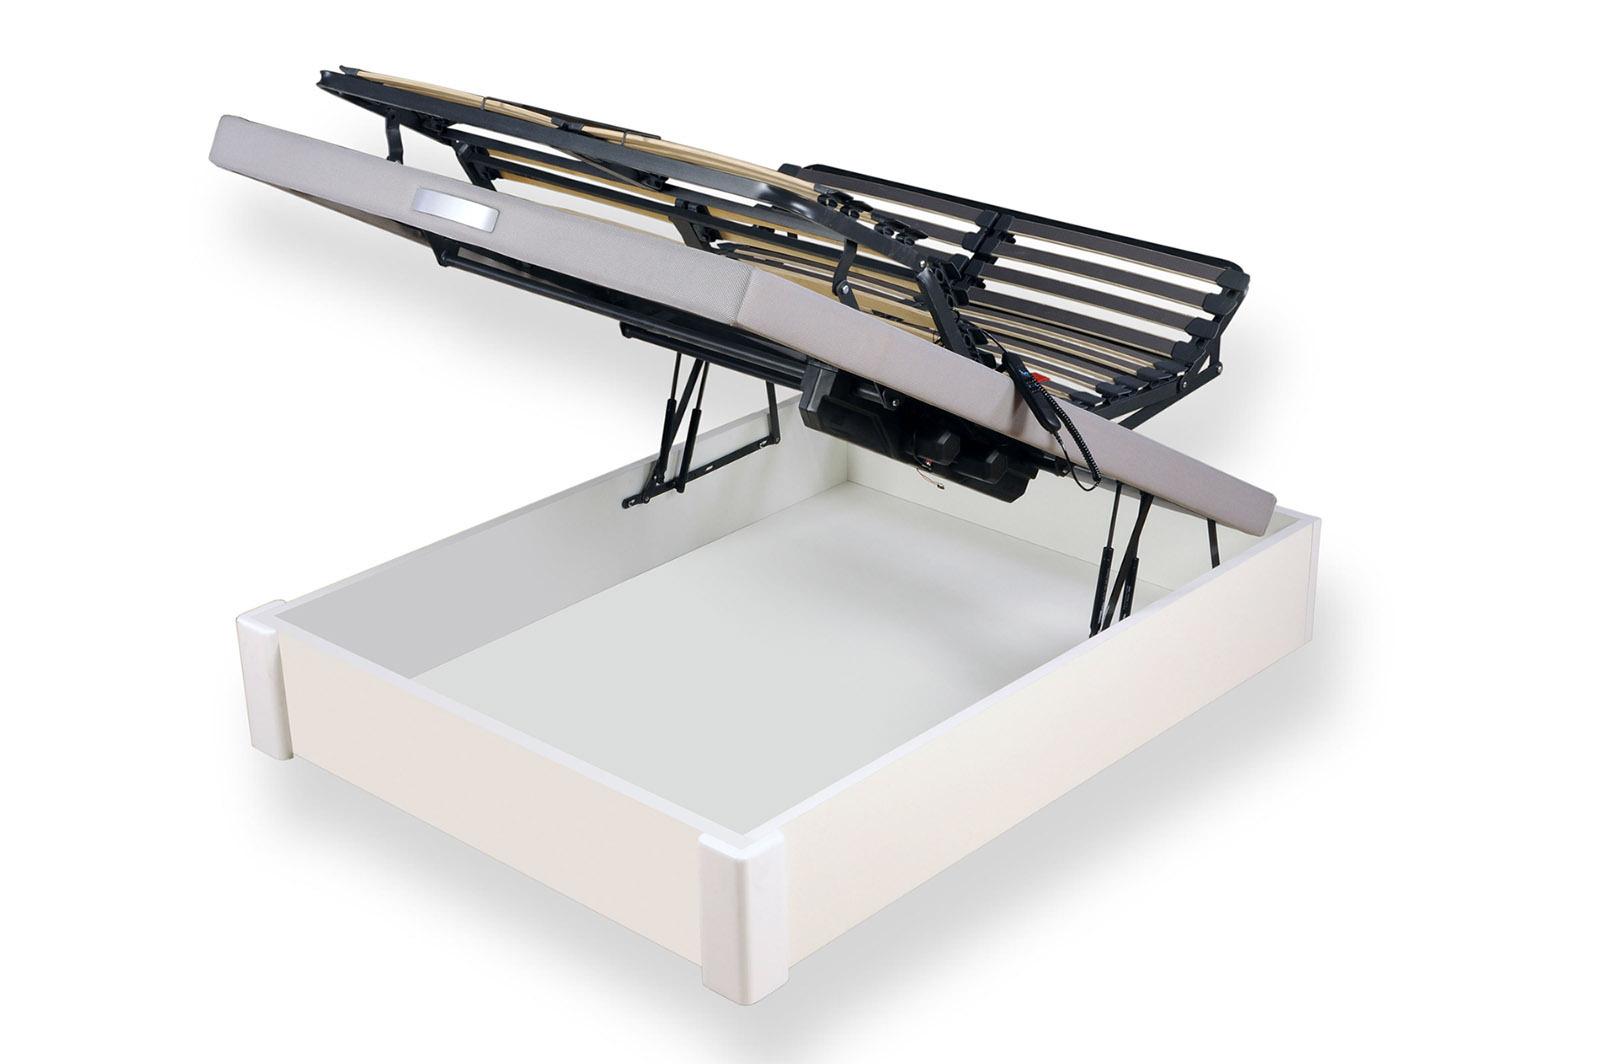 Canap articulado el ctrico 150 x 190 cm for Canape abatible 75